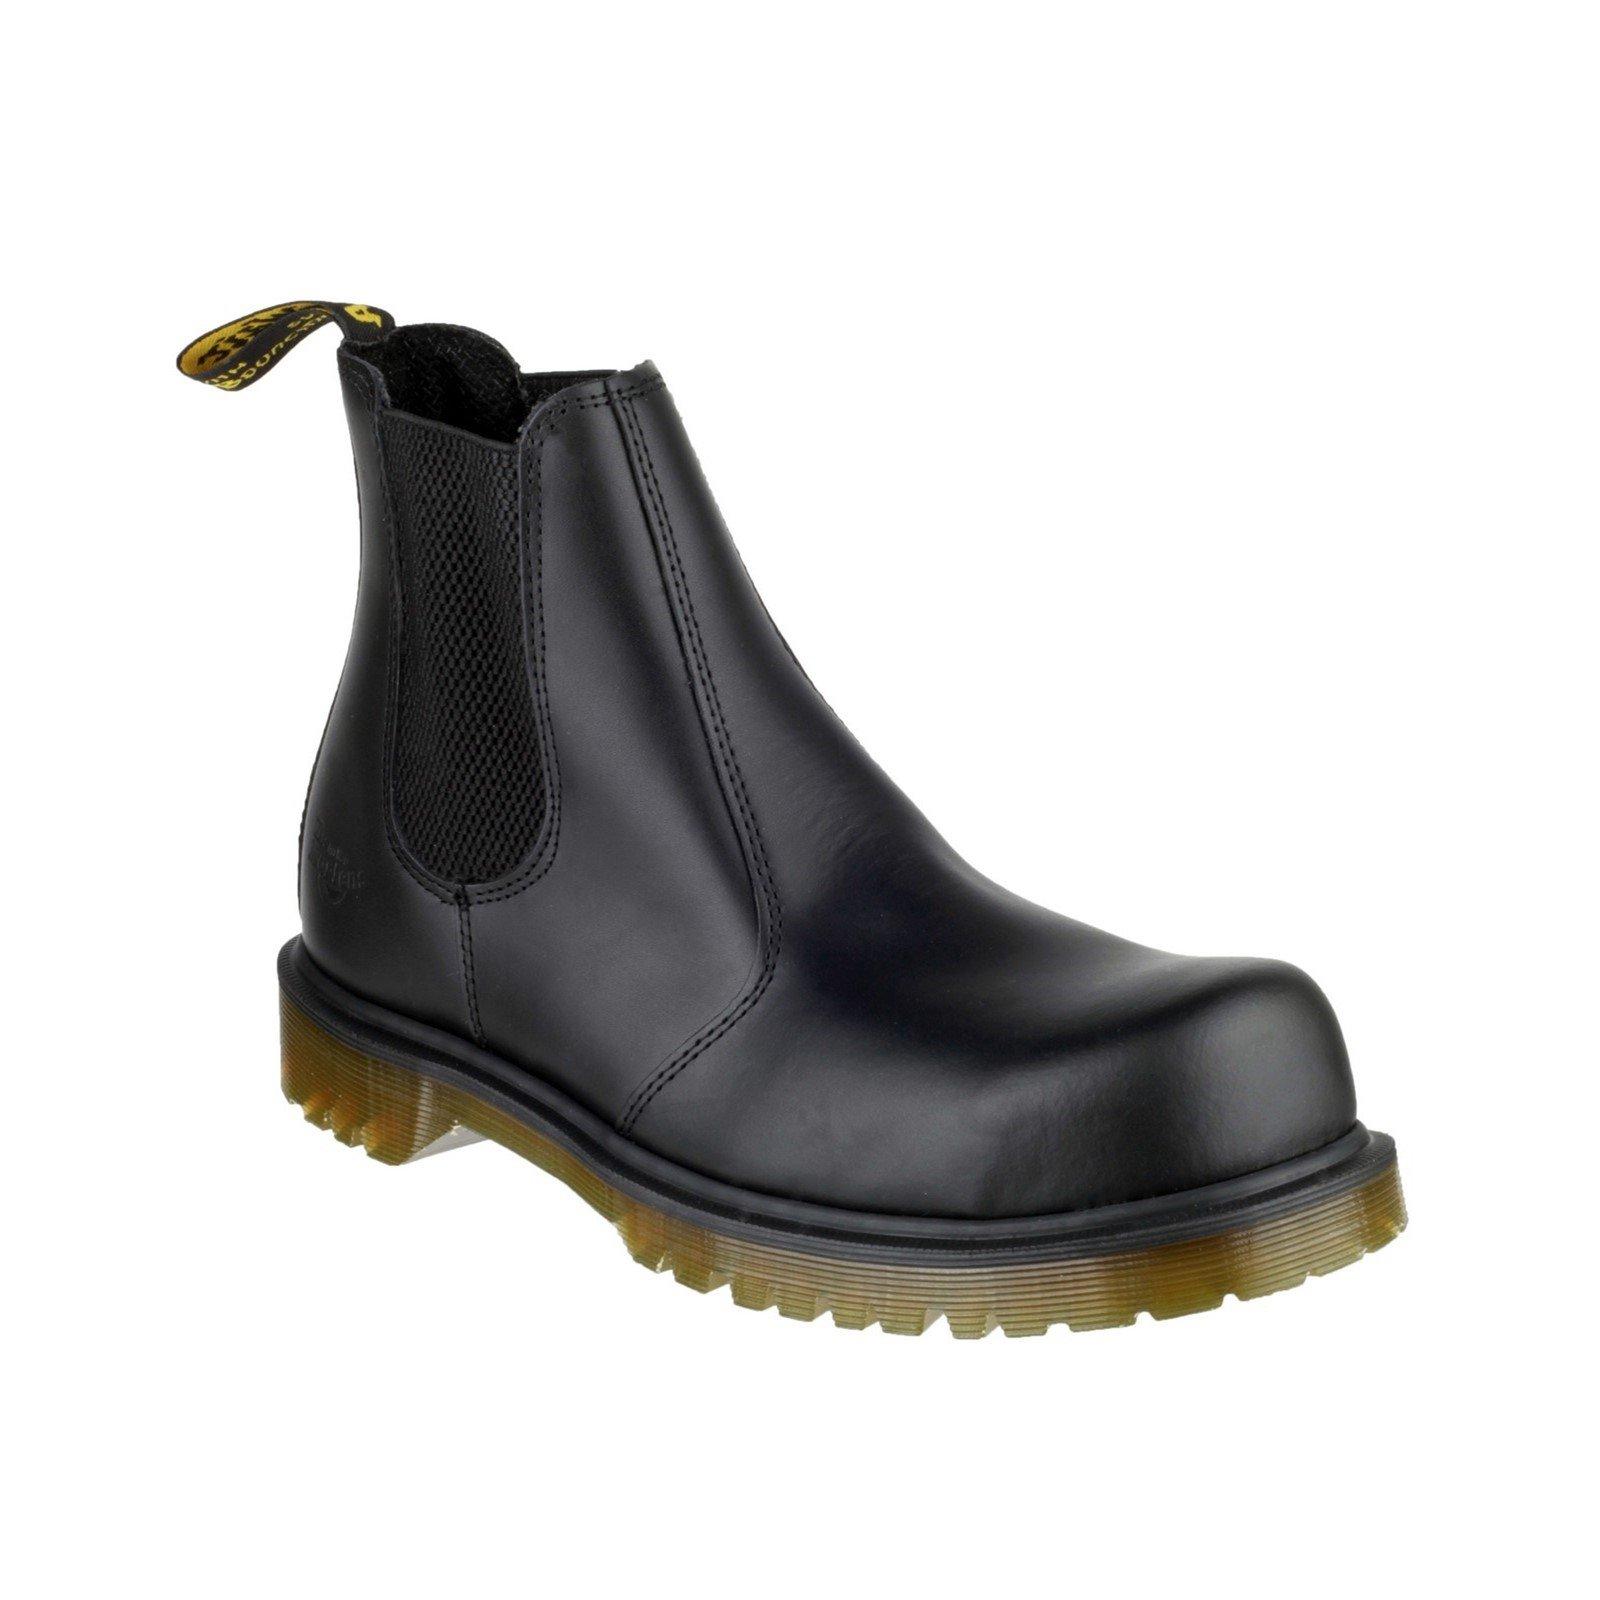 Dr Martens Unisex Dealer Boot Black 00496 - Black 11